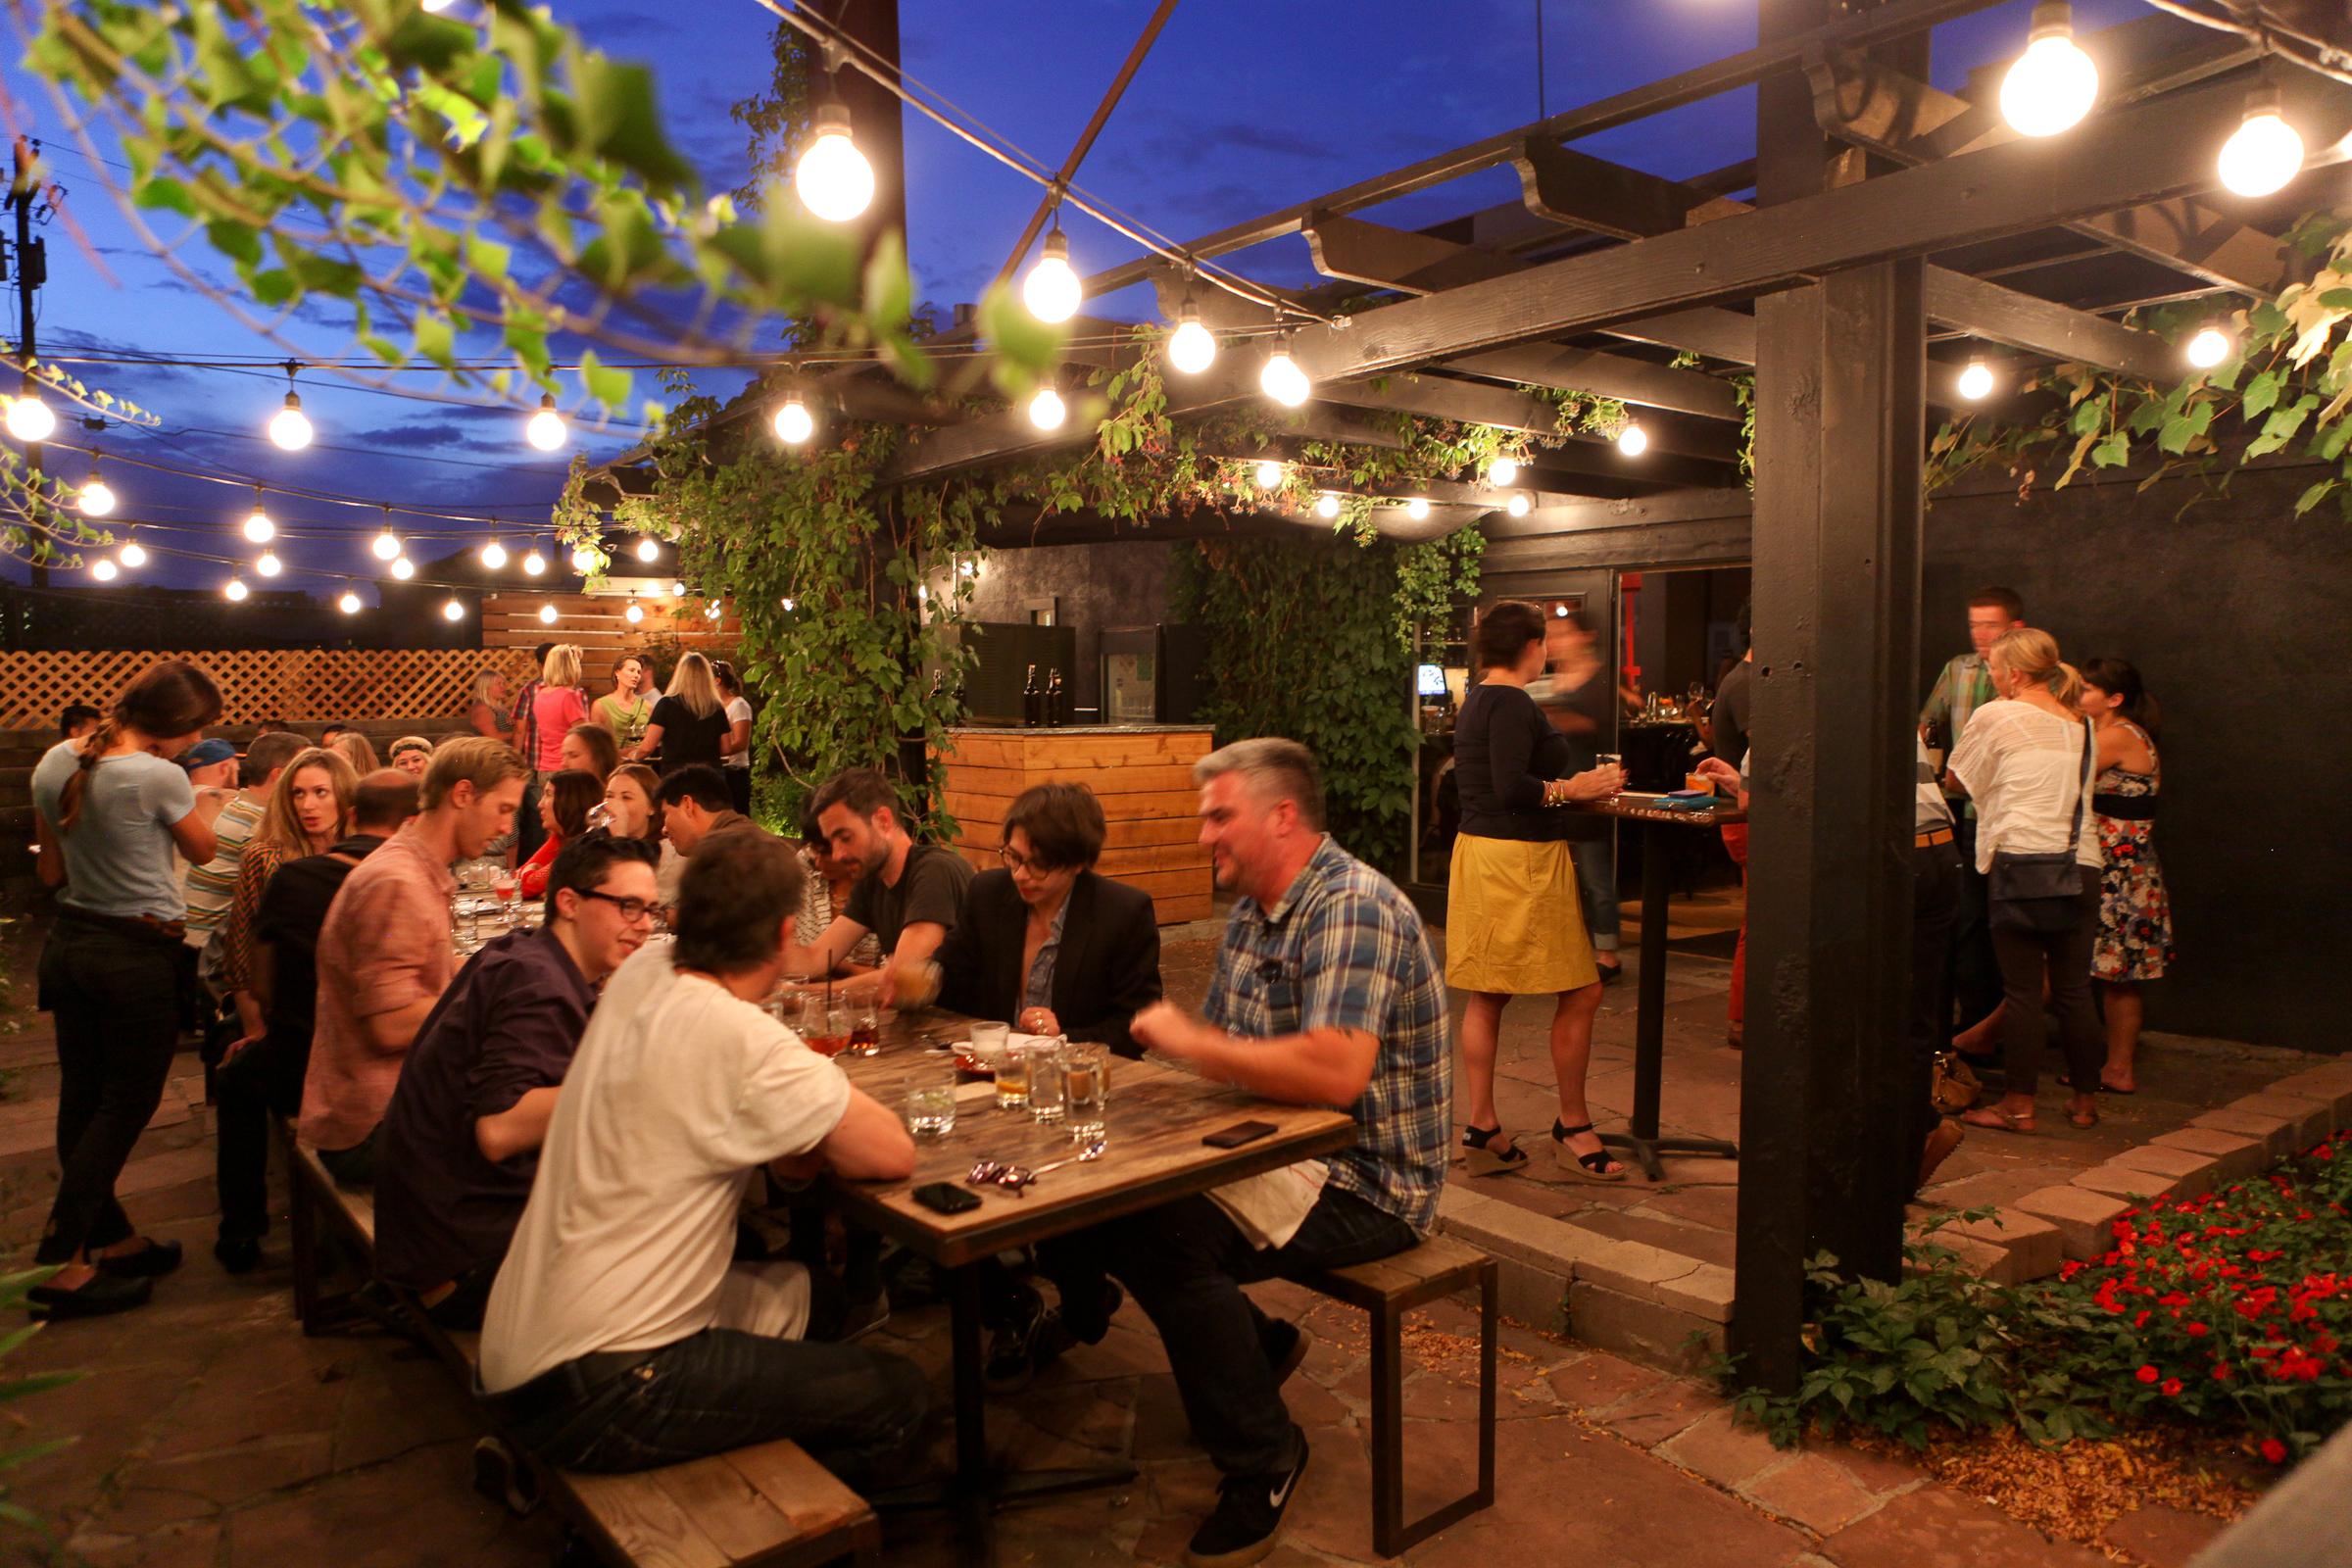 Best Outdoor Dining in Denver